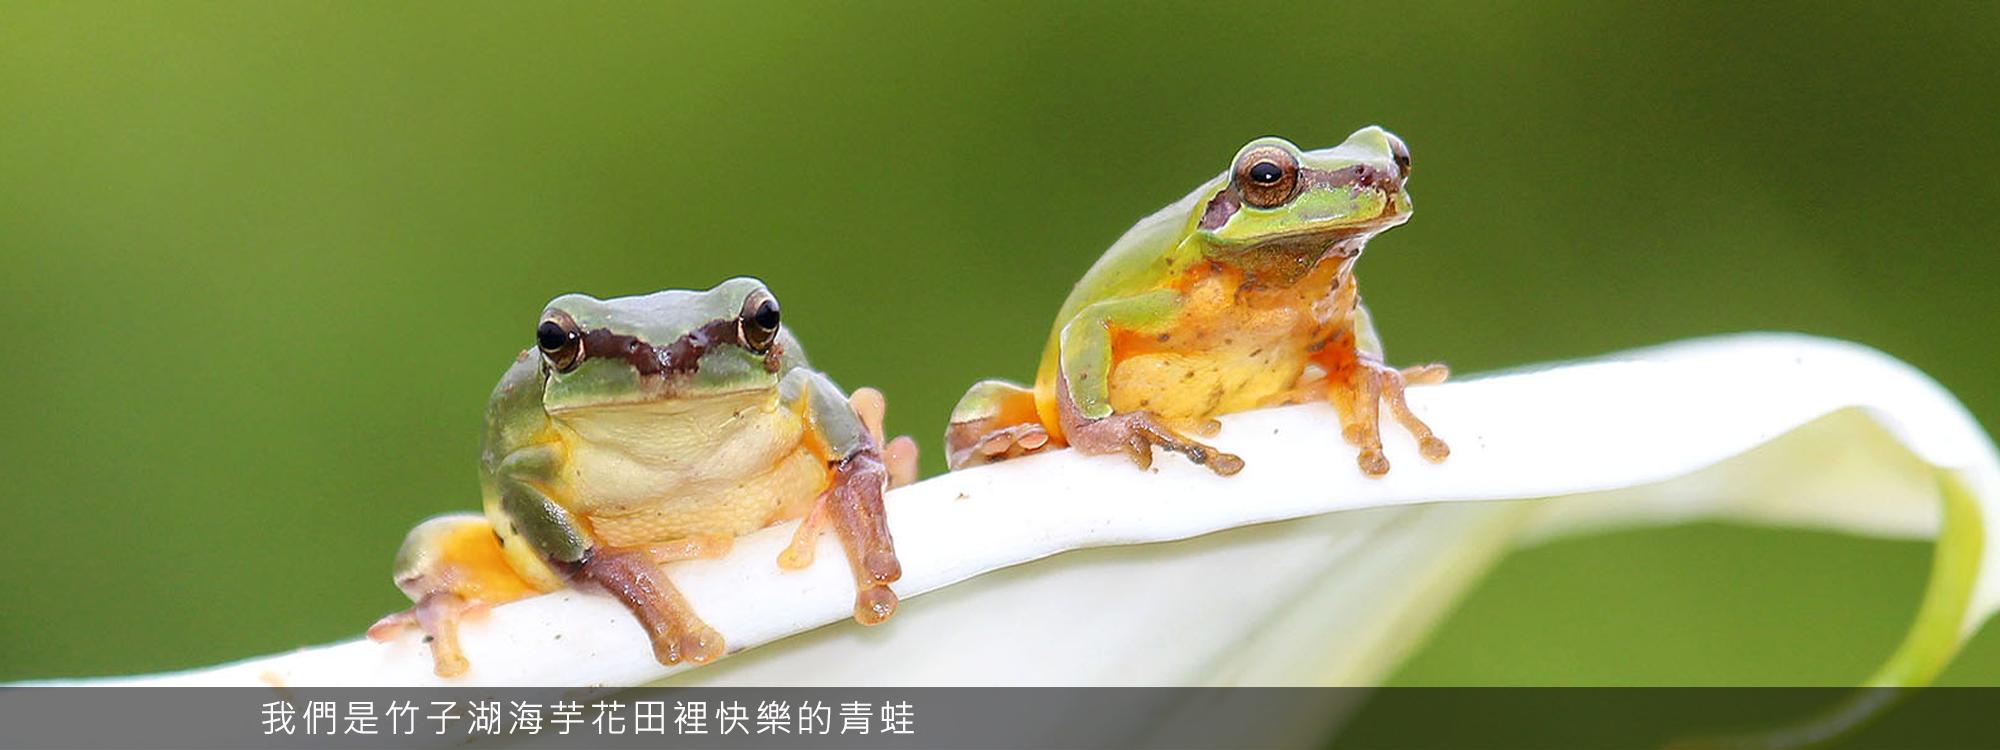 我們是竹子湖海芋花田裡快樂的青蛙